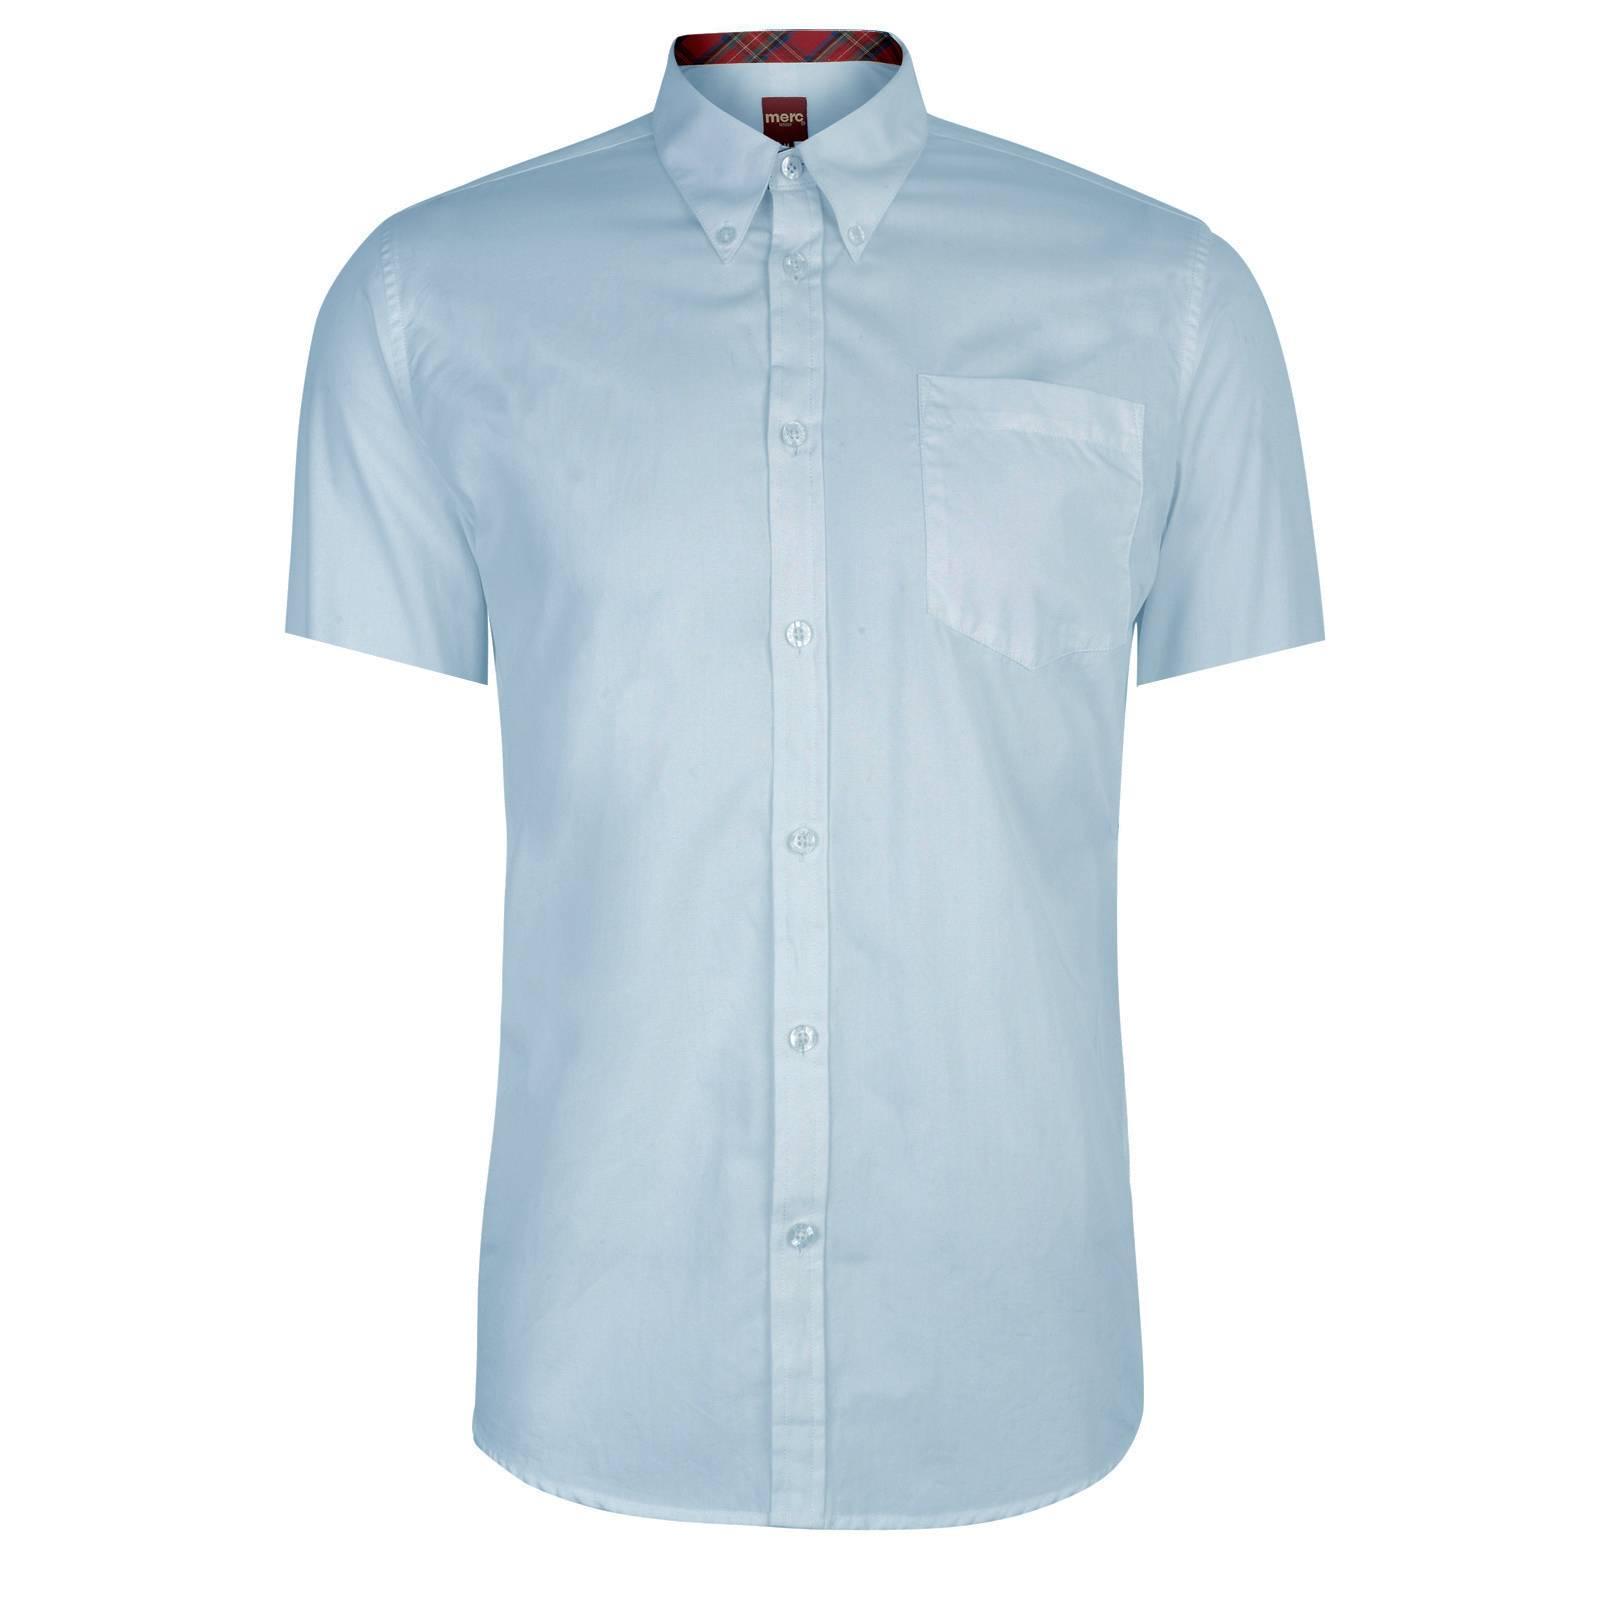 Рубашка BaxterCORE<br>Приталенная мужская рубашка из легкого хлопкового материала с классическим воротником на пуговицах типа &amp;amp;quot;button down&amp;amp;quot;, внутренняя часть которого декорирована клетчатой тартановой тканью. При расстегнутой верхней пуговице &amp;amp;quot;тартан&amp;amp;quot; выгодно контрастирует с однотонным основанием, не бросаясь в глаза. &amp;lt;br /&amp;gt;<br>&amp;lt;br /&amp;gt;<br>Рукава этой рубашки заужены и не топорщатся, аккуратно облегая руки&amp;lt;br /&amp;gt;<br>&amp;lt;br /&amp;gt;<br>Можно надевать под трикотаж или с классическим костюмом, если нужно соблюсти строгий стиль в жаркую погоду. Заправлять в брюки, дополняя узкими подтяжками или галстуком-селедкой, а также навыпуск - с топсайдерами и даже кедами.<br><br>Артикул: 1507102<br>Материал: 100% хлопок<br>Цвет: голубой<br>Пол: Мужской